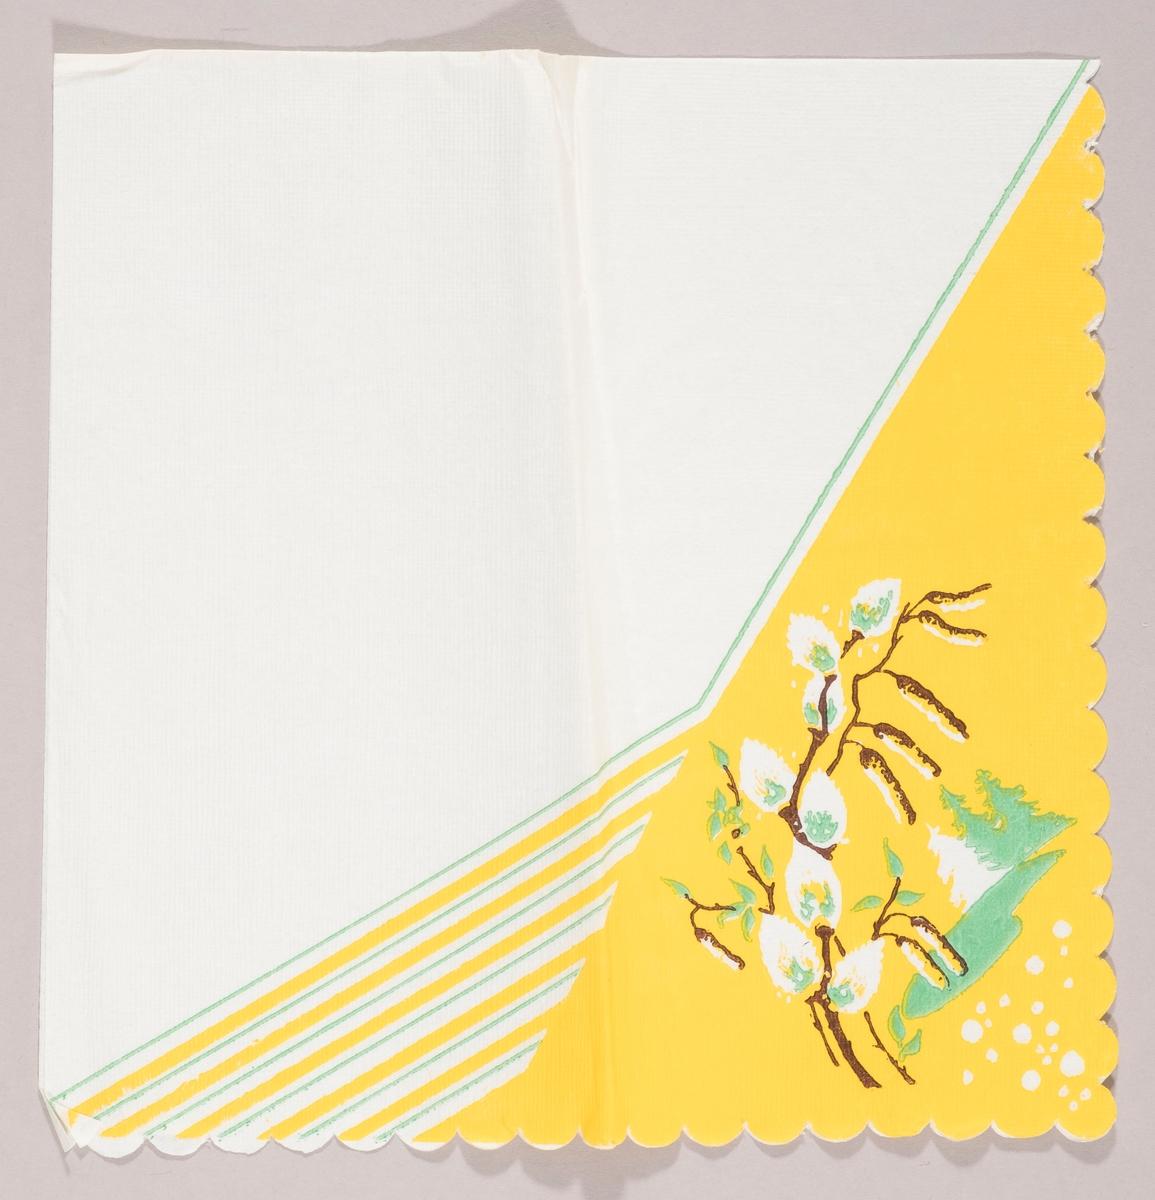 """Grener med """"gåsunger"""" og rakler. Et landskap med grønne og hvite granntrær. Grønne og hvite mønstestriper på gul bakgrunn."""